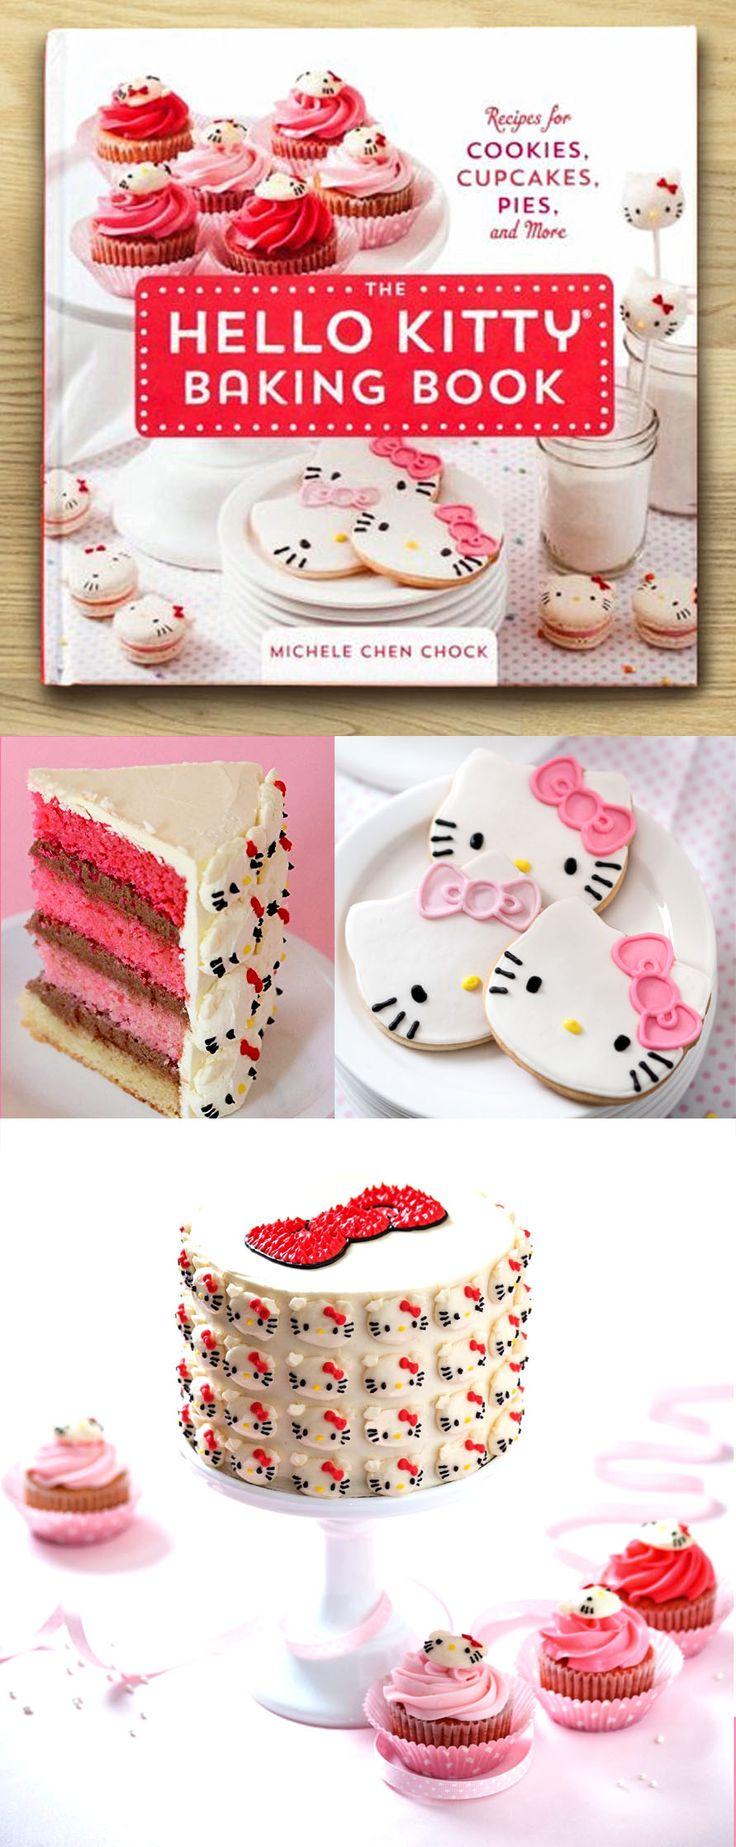 Hello Kitty Baking Book #hellokitty #baking #kawaii #japan #merch #merchandise